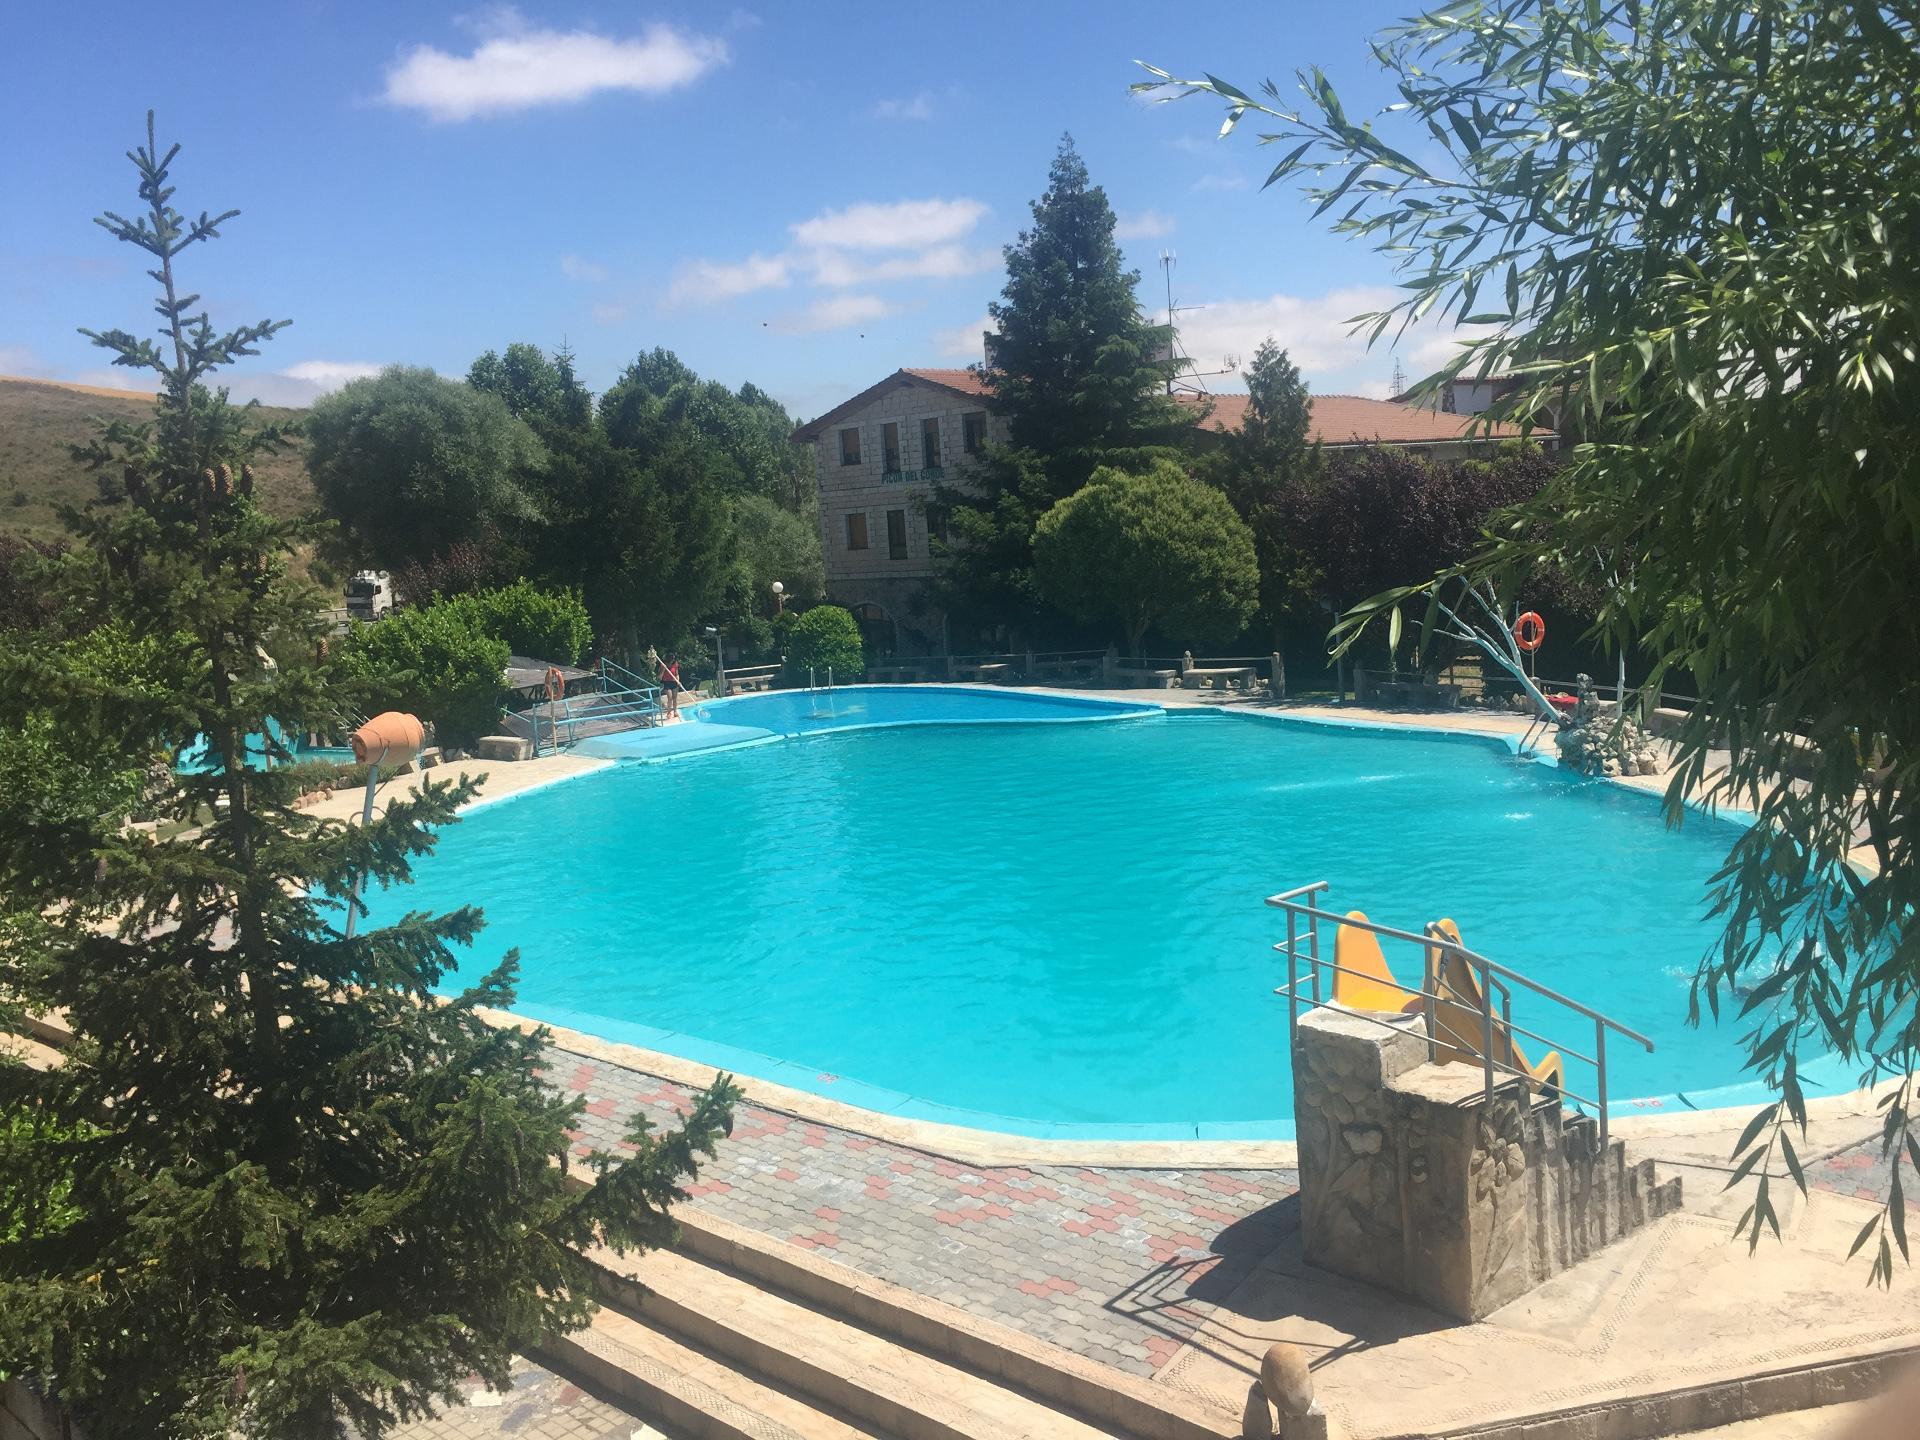 Piscinas camping motel piscinas municipales pic n for Horario piscinas valencia de don juan